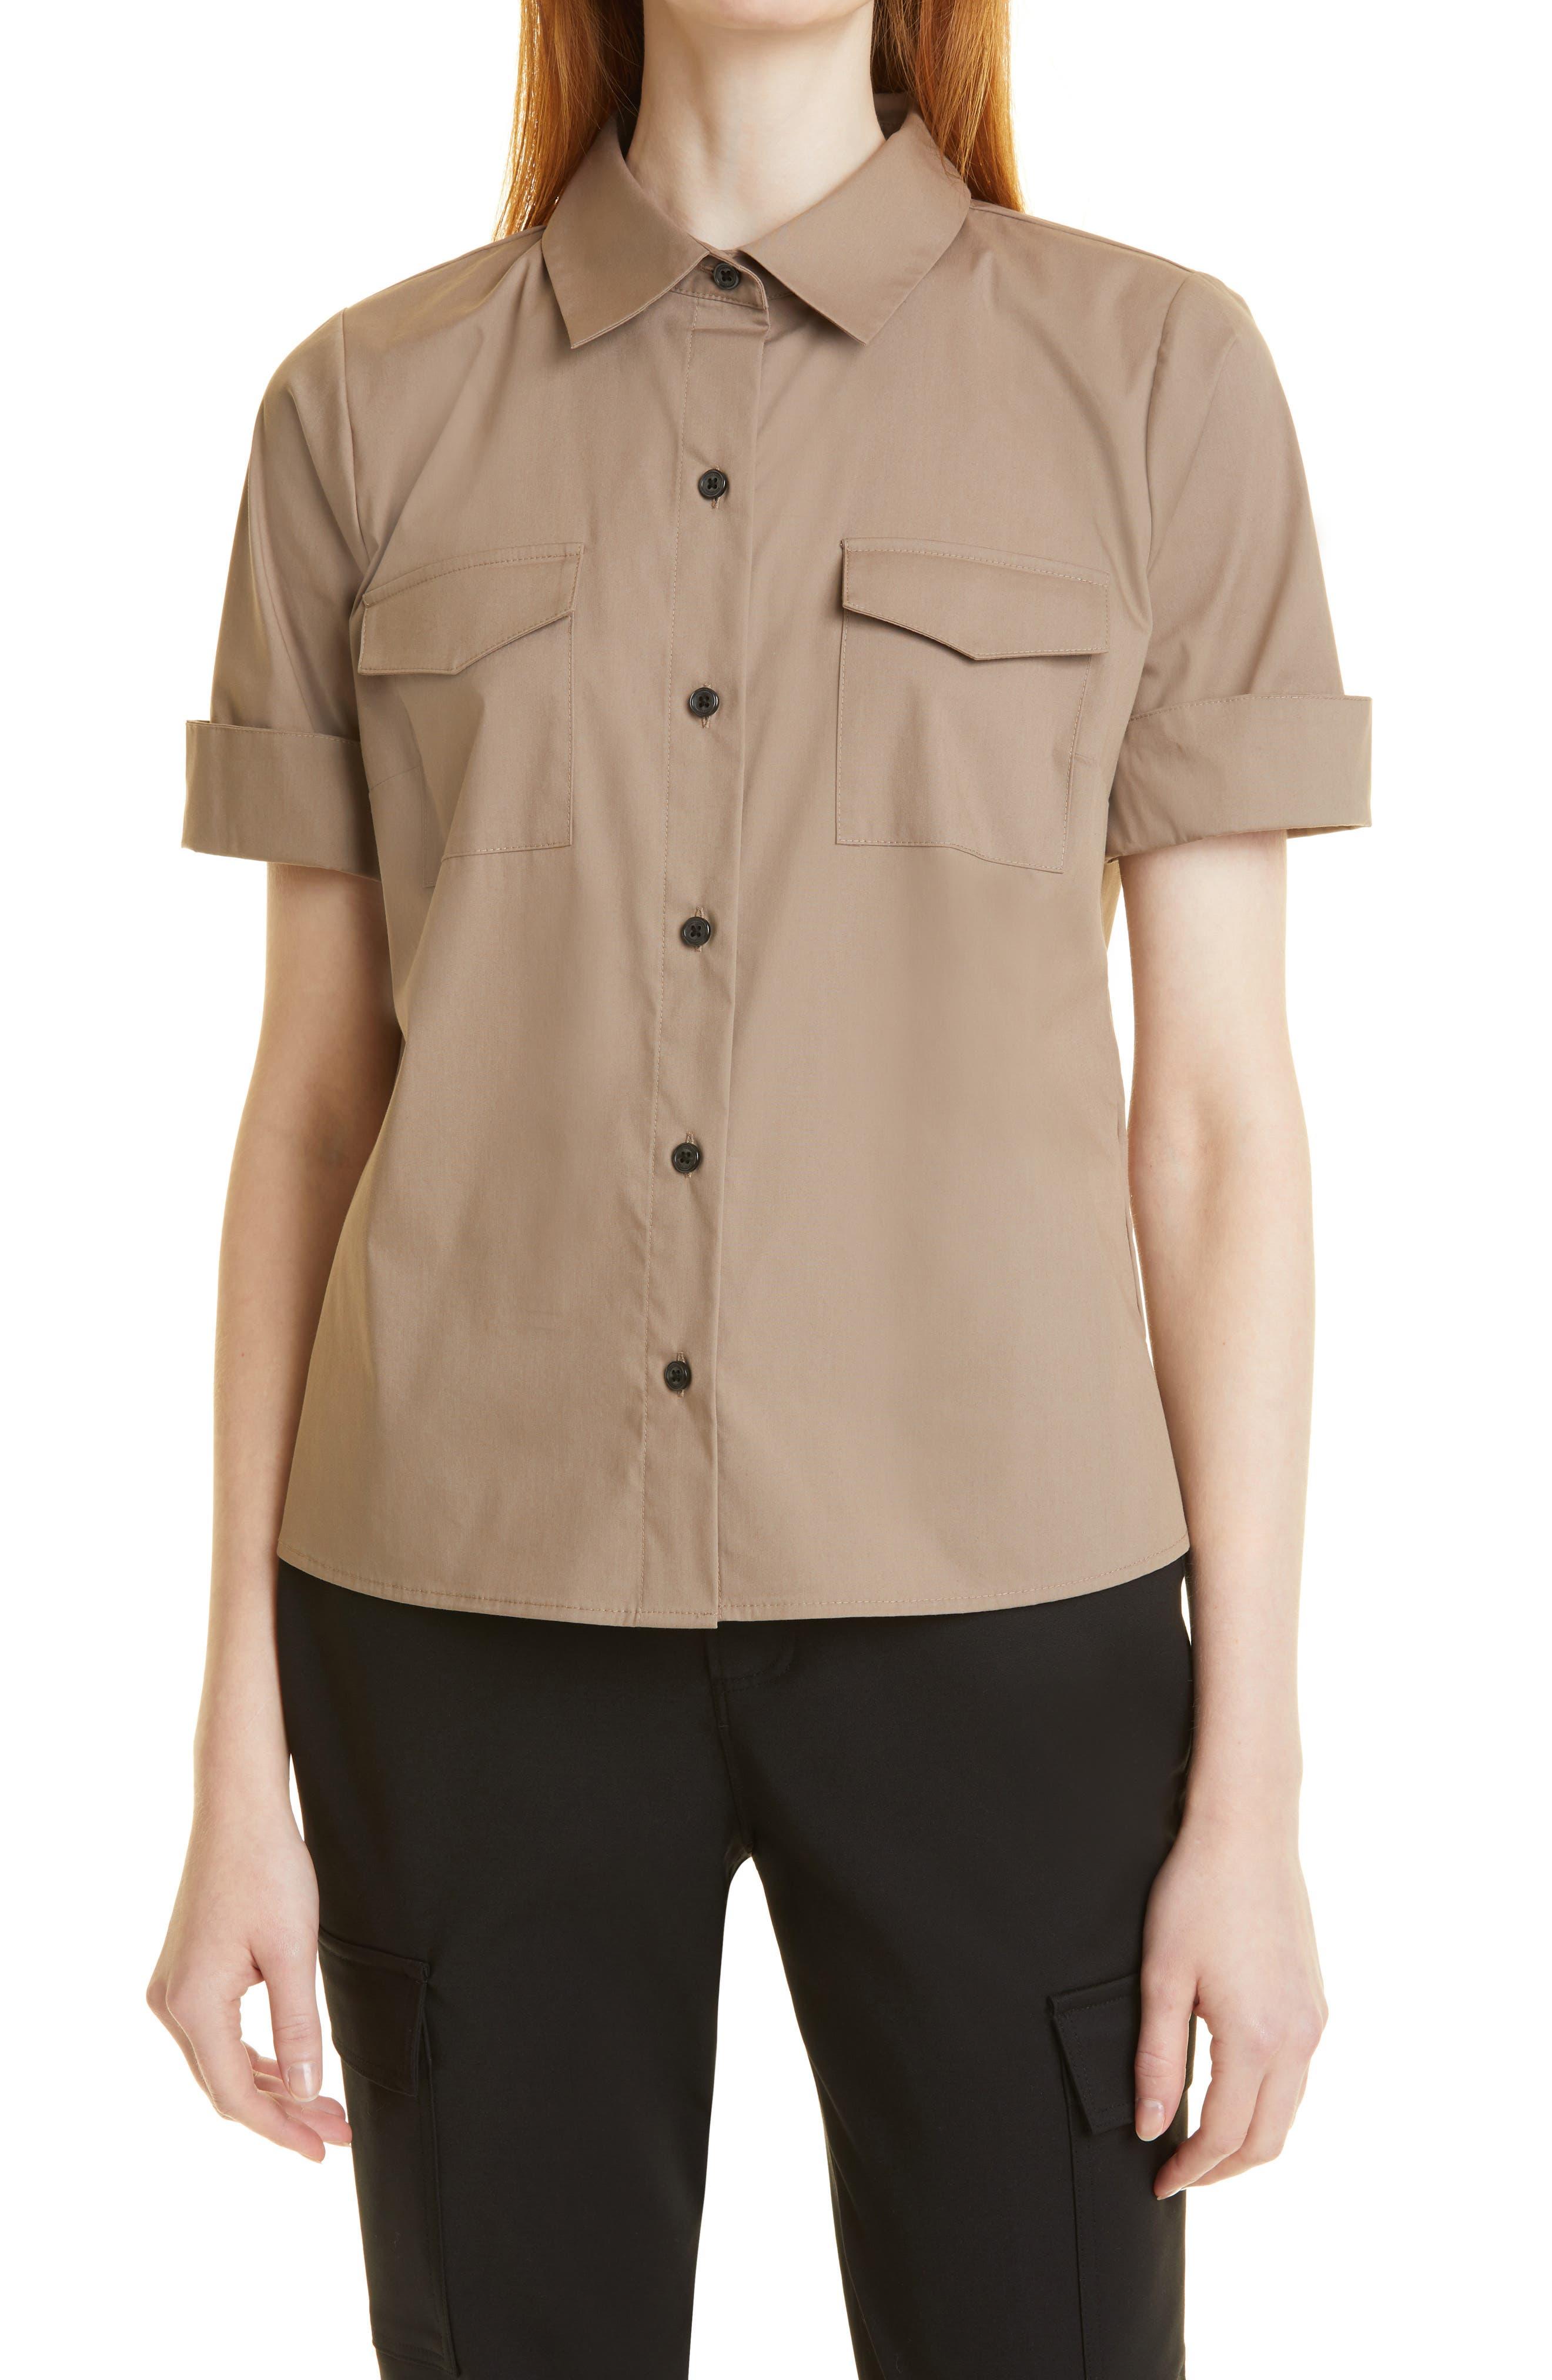 Cotton Camp Shirt